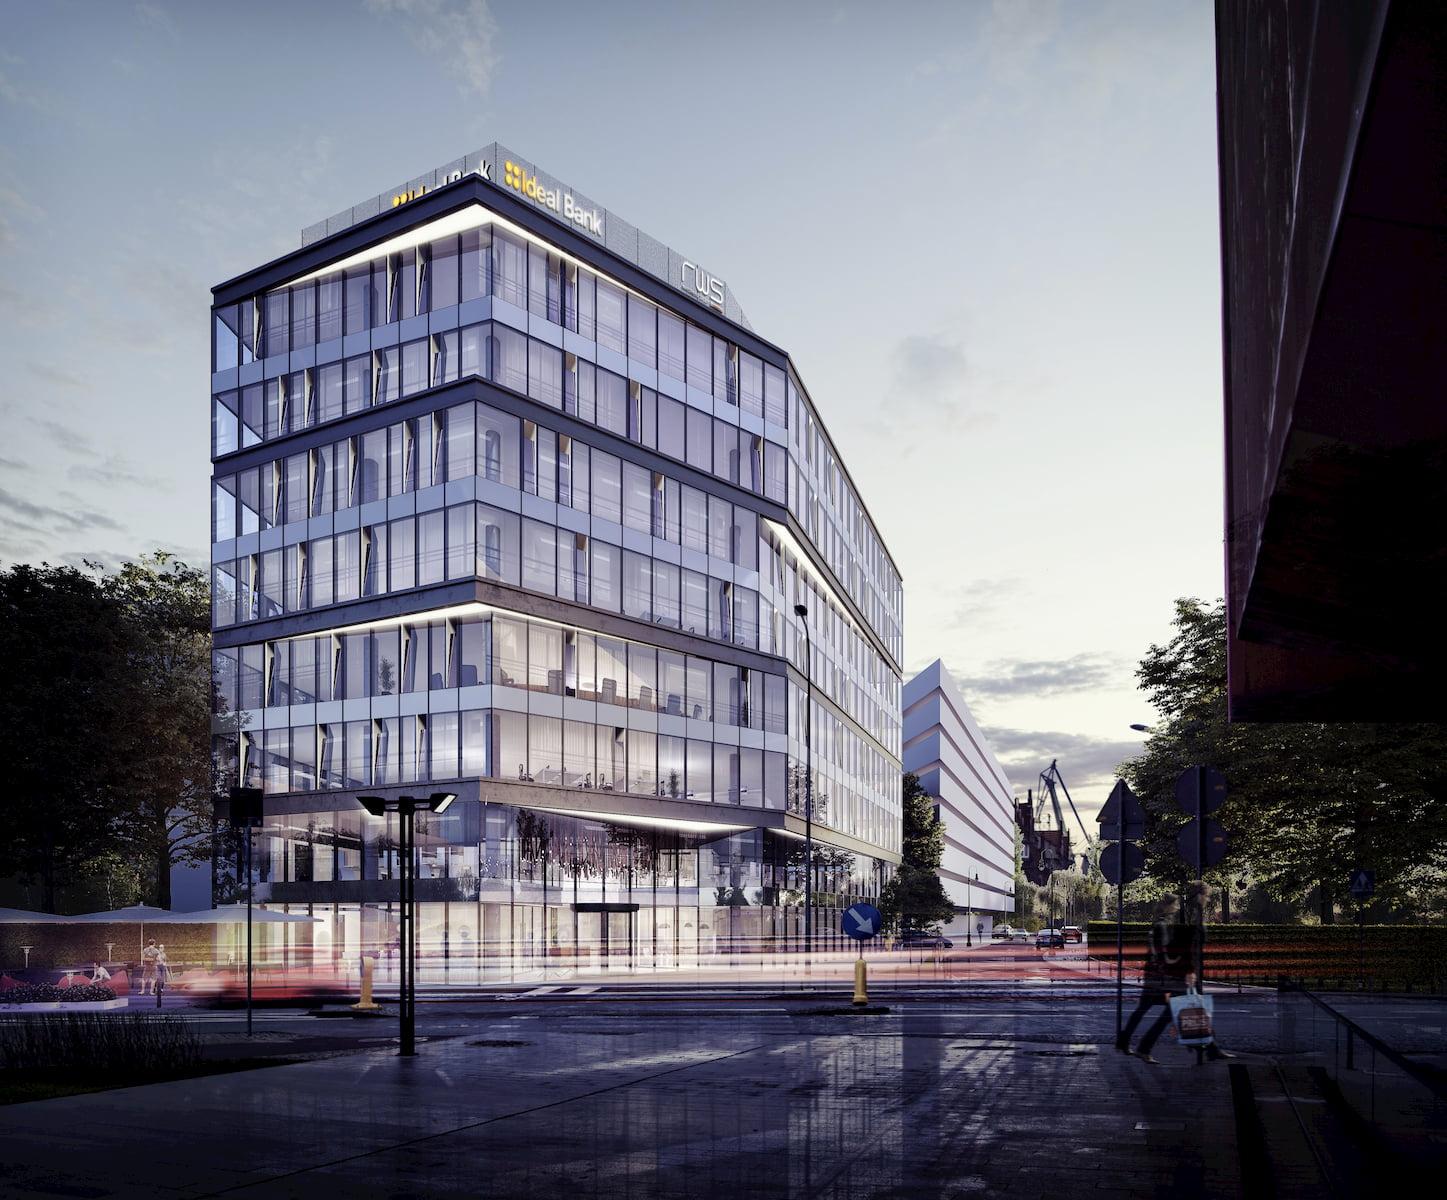 Gdansk Office building RWS APA Wojciechowski Architekci 2016 night shot